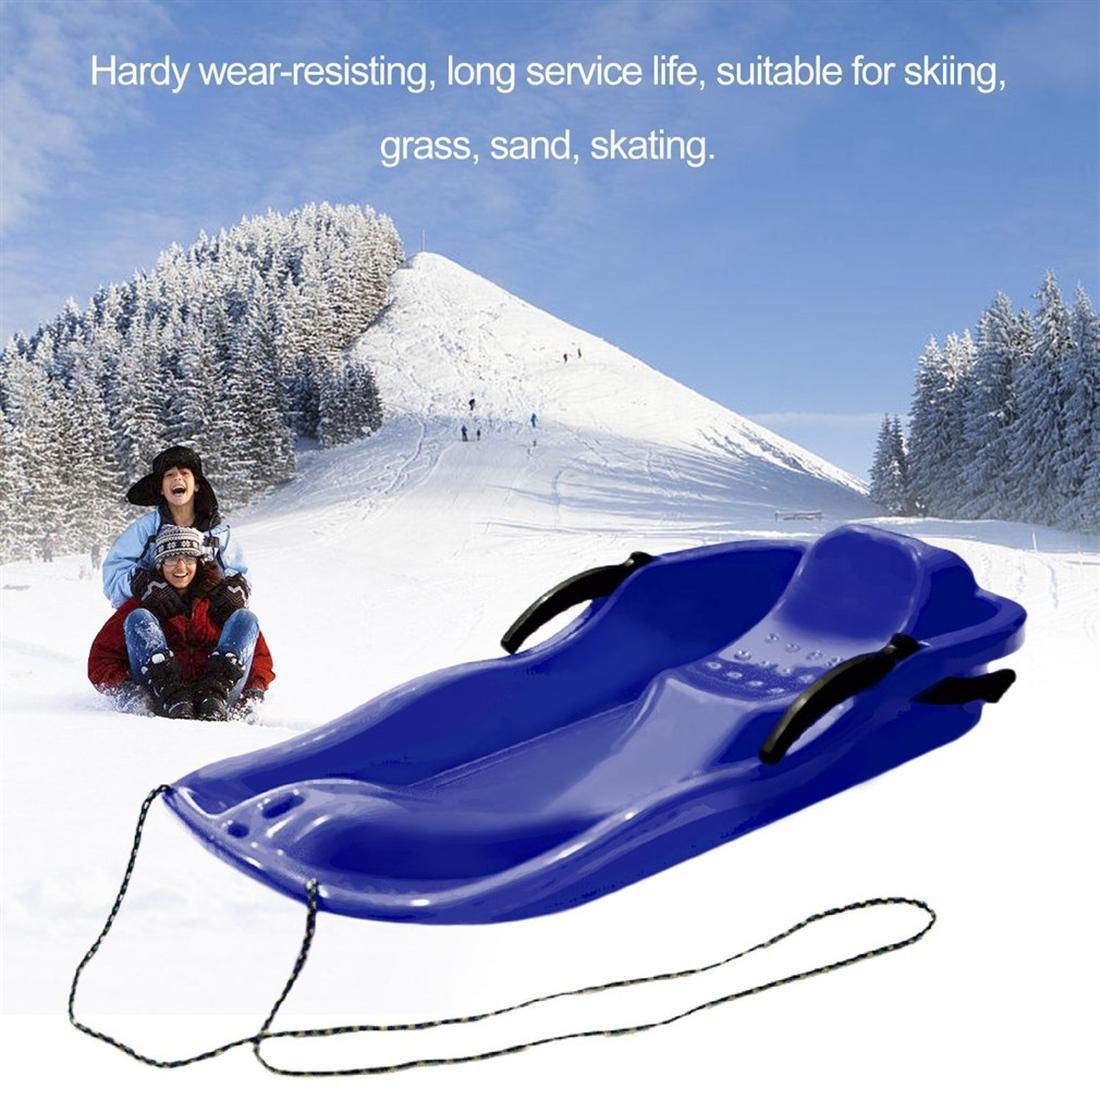 Sport Ski Pad Traîneau Snowboards skis D'hiver Épaissir En Plastique sable Herbe luge Neige luge équipement de Plein Air Enfants Enfants Adultes